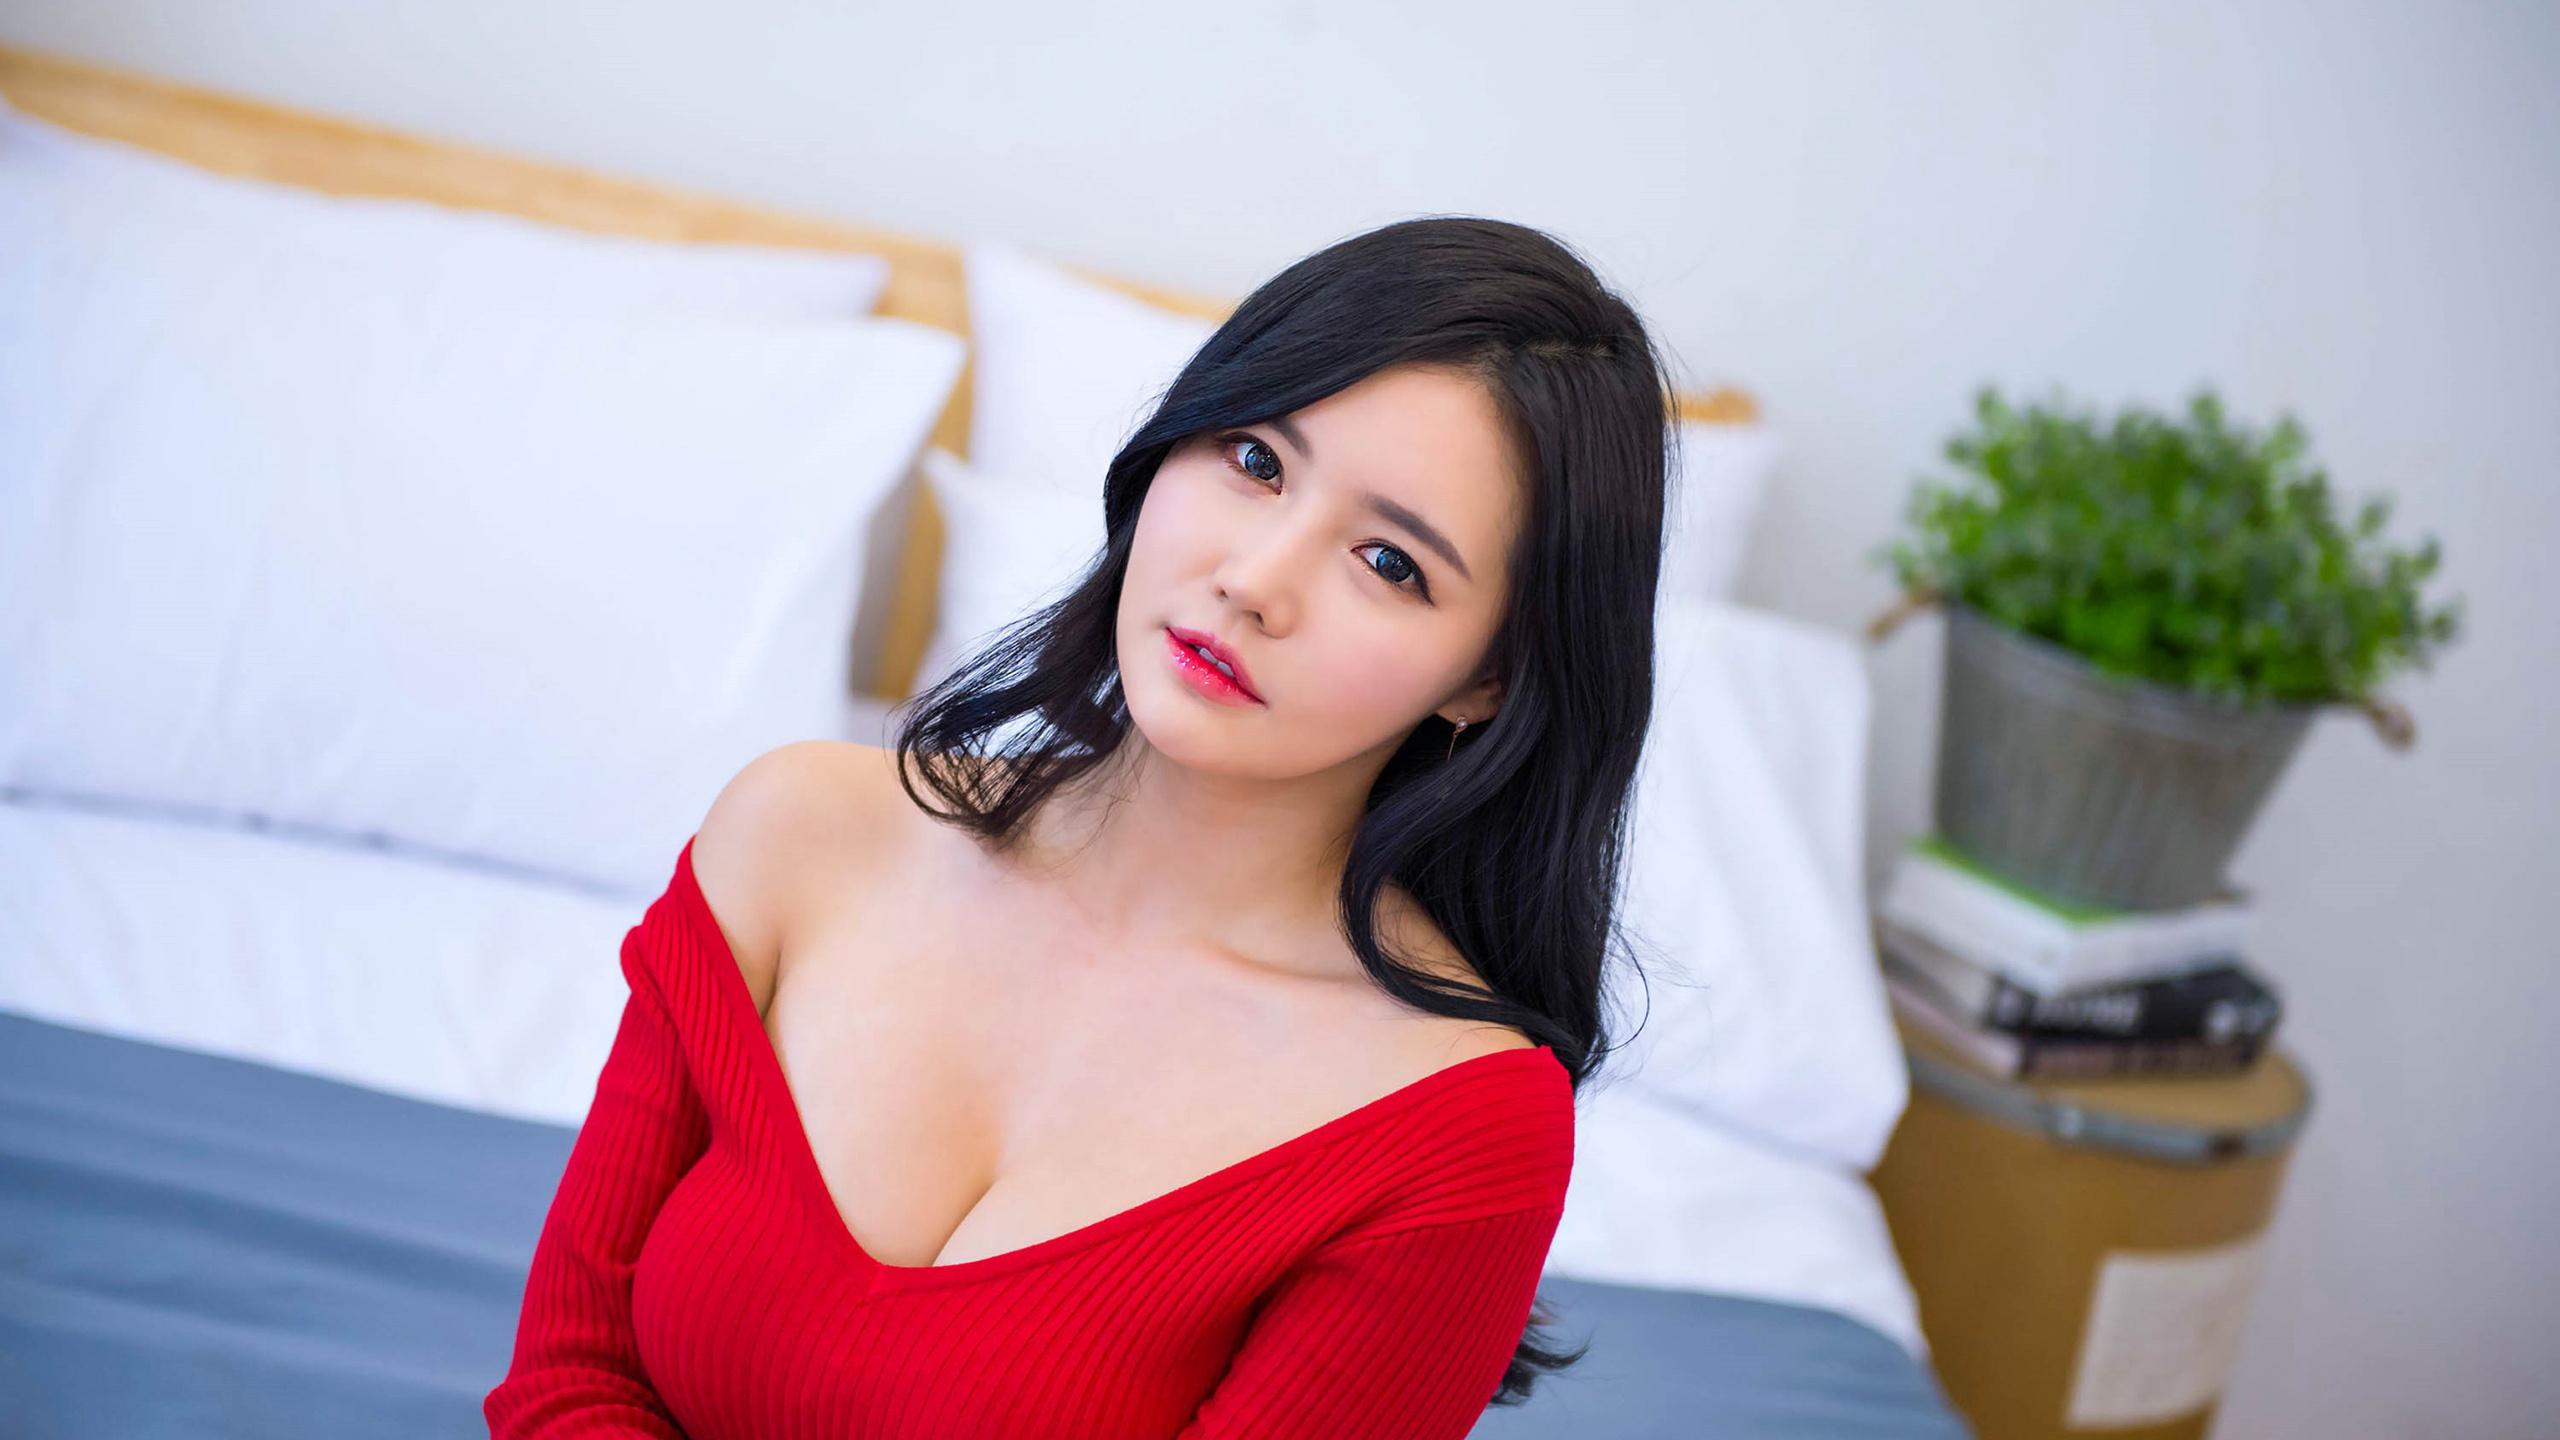 坐在床上穿红色低胸上衣的长发美女壁纸